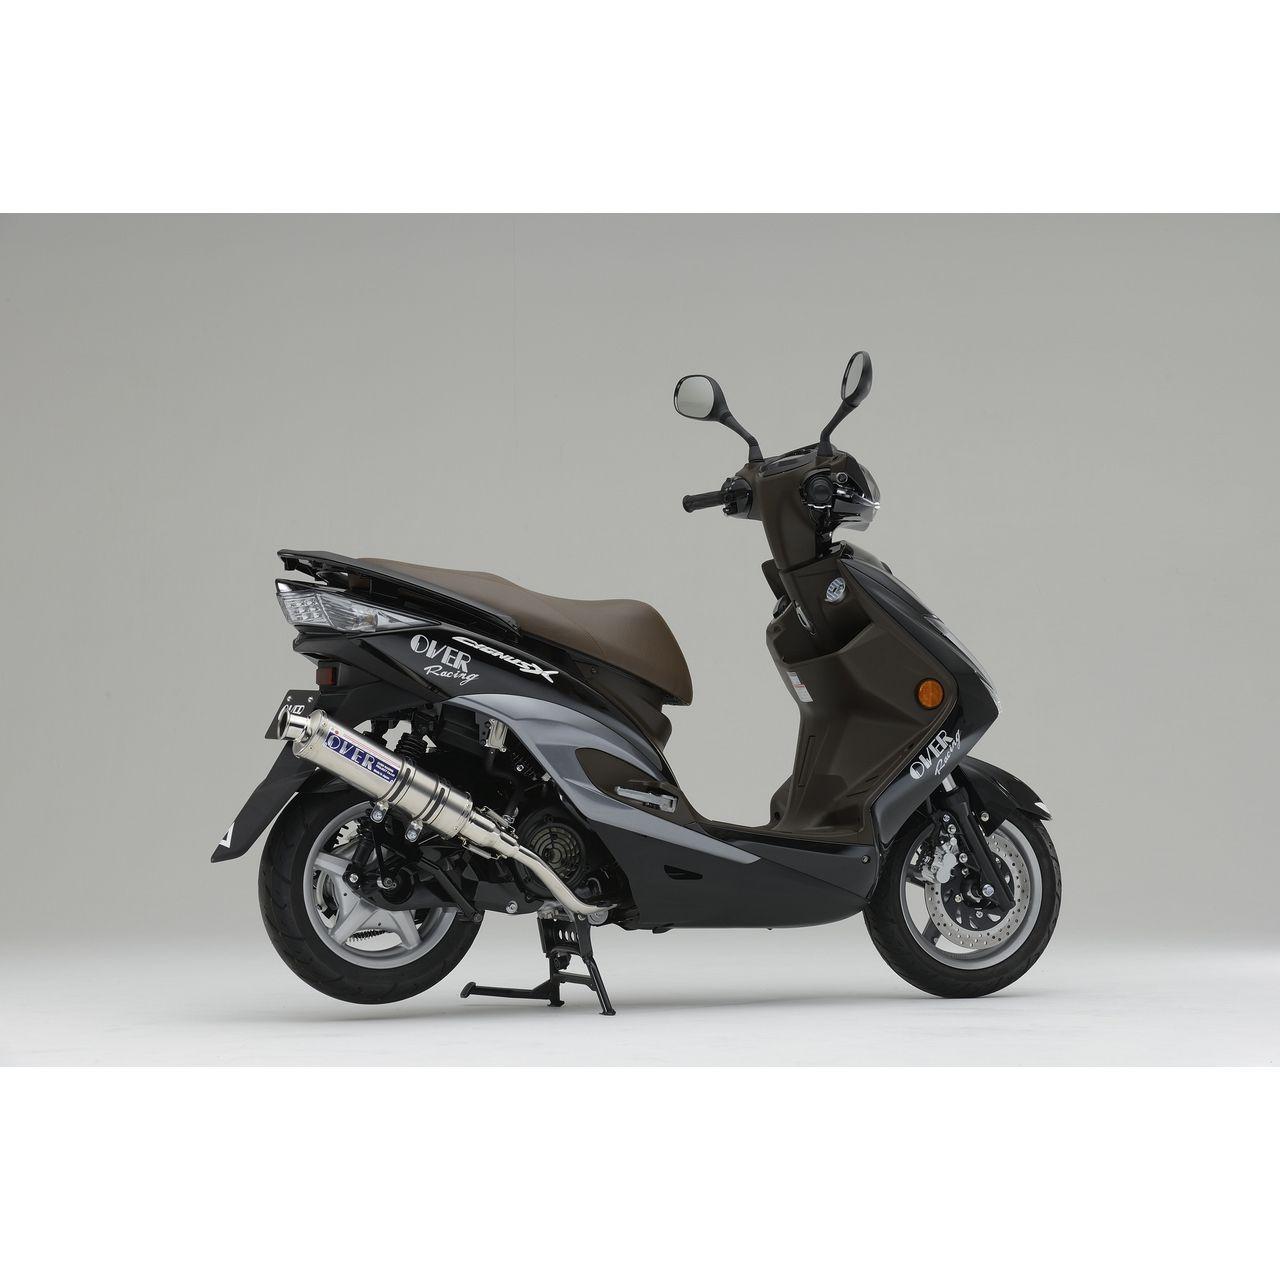 【OVER】不鏽鋼鈦合金全段排氣管 - 「Webike-摩托百貨」